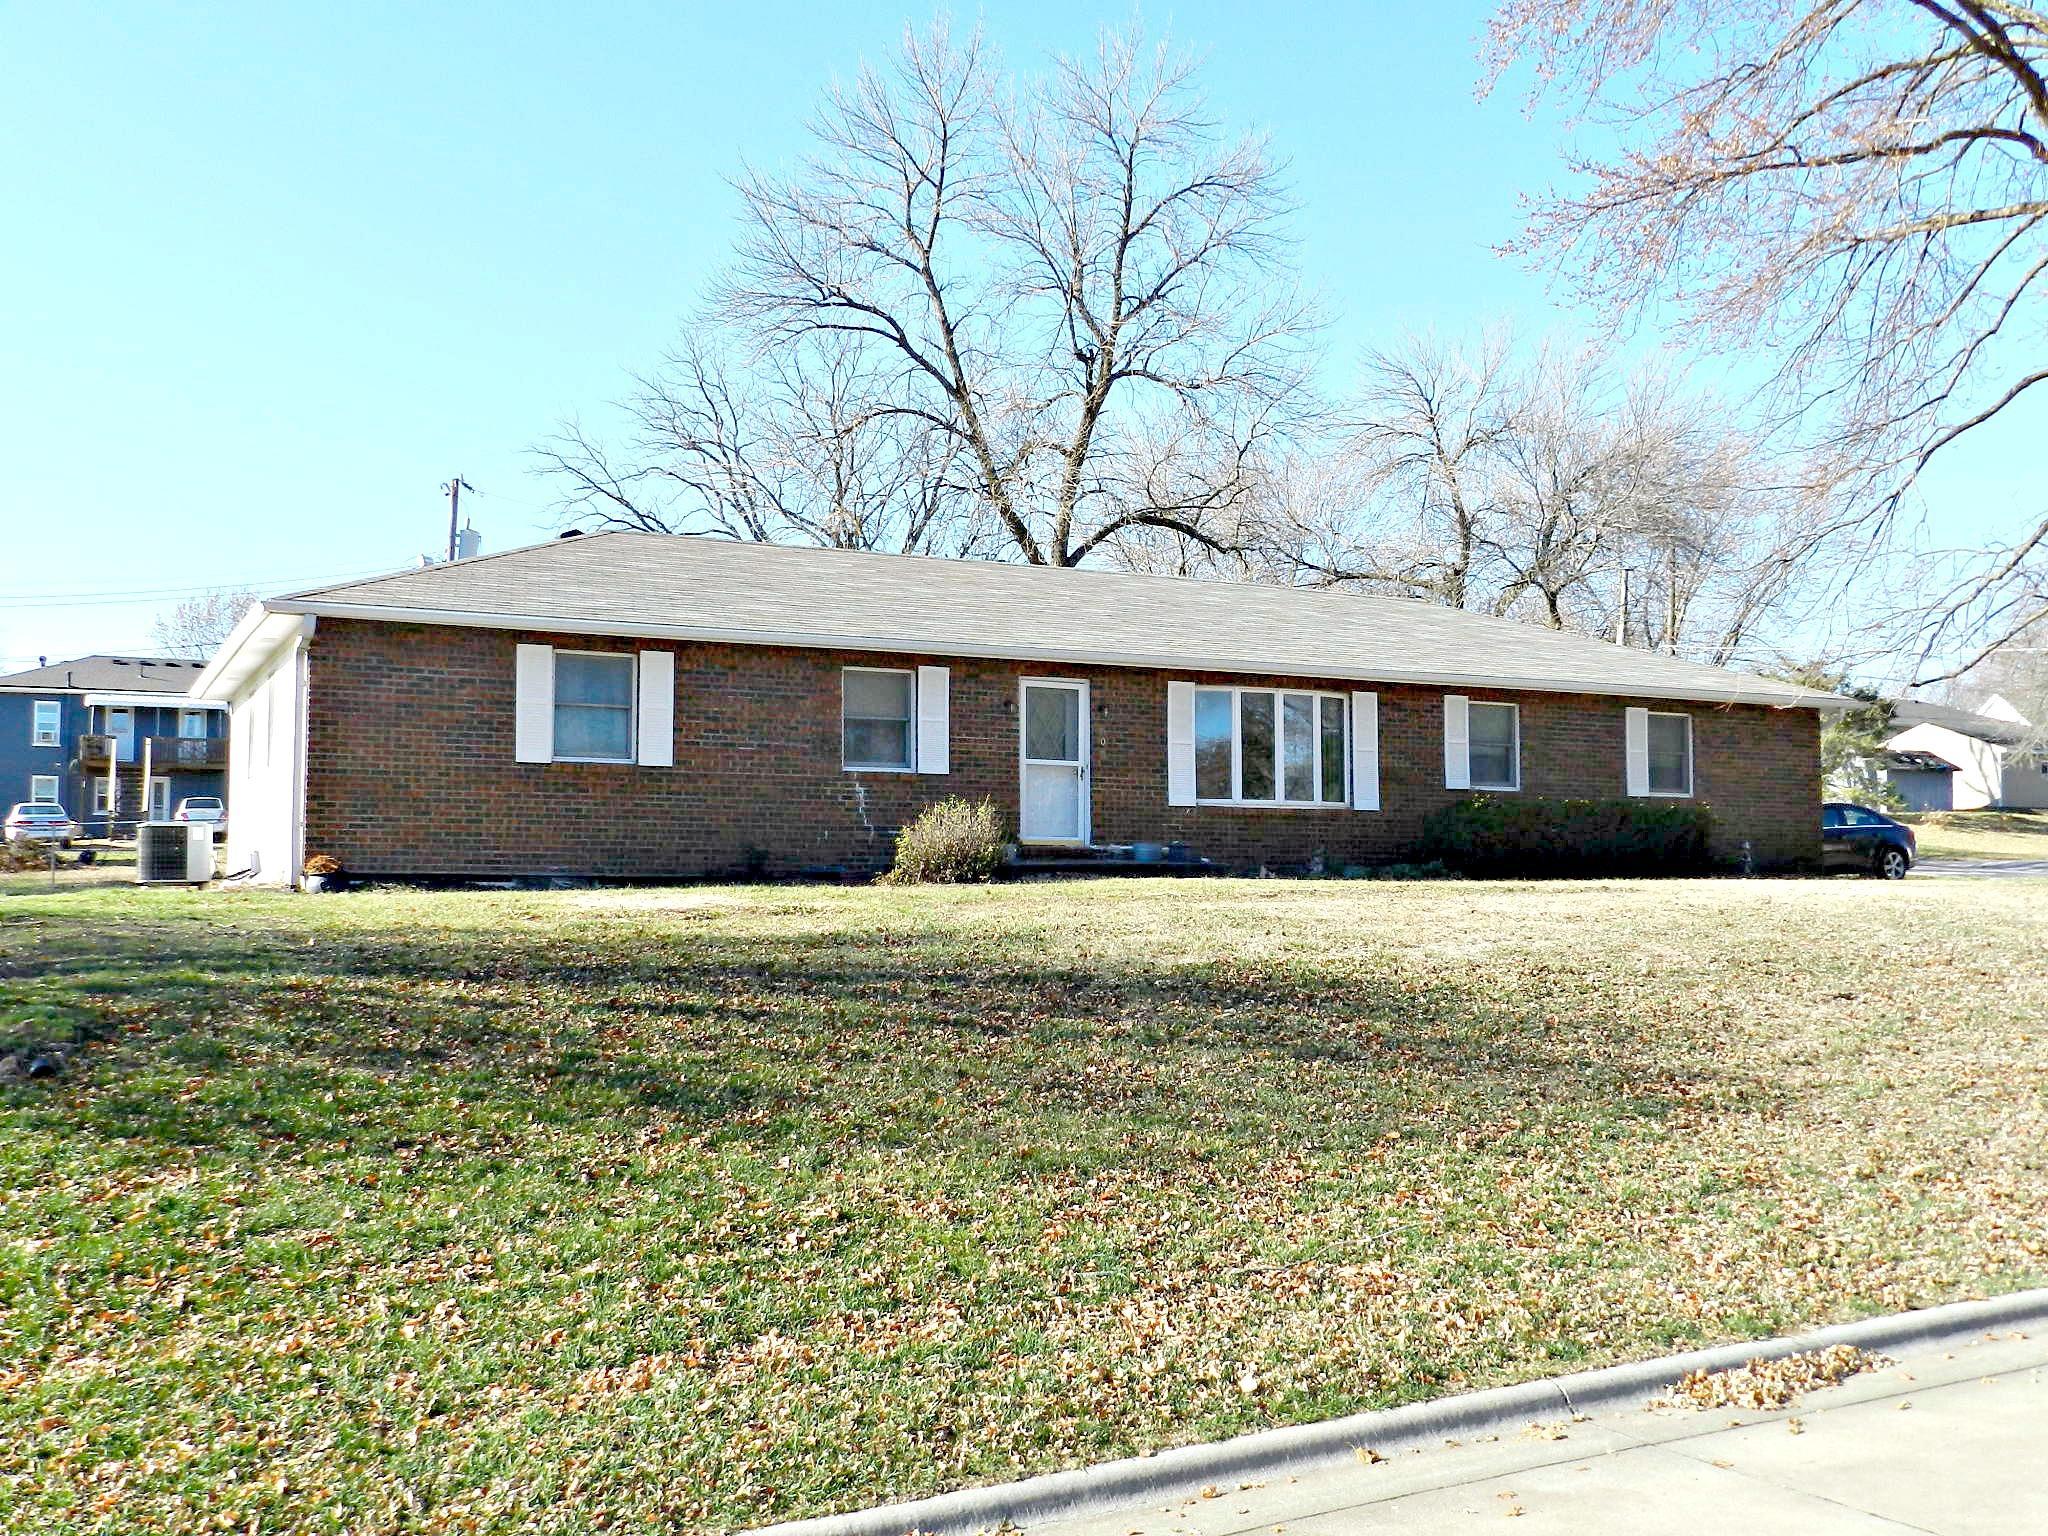 608 S PRAIRIE Street, Maryville, Missouri 64468, 4 Bedrooms Bedrooms, ,3 BathroomsBathrooms,Residential,PRAIRIE,4900